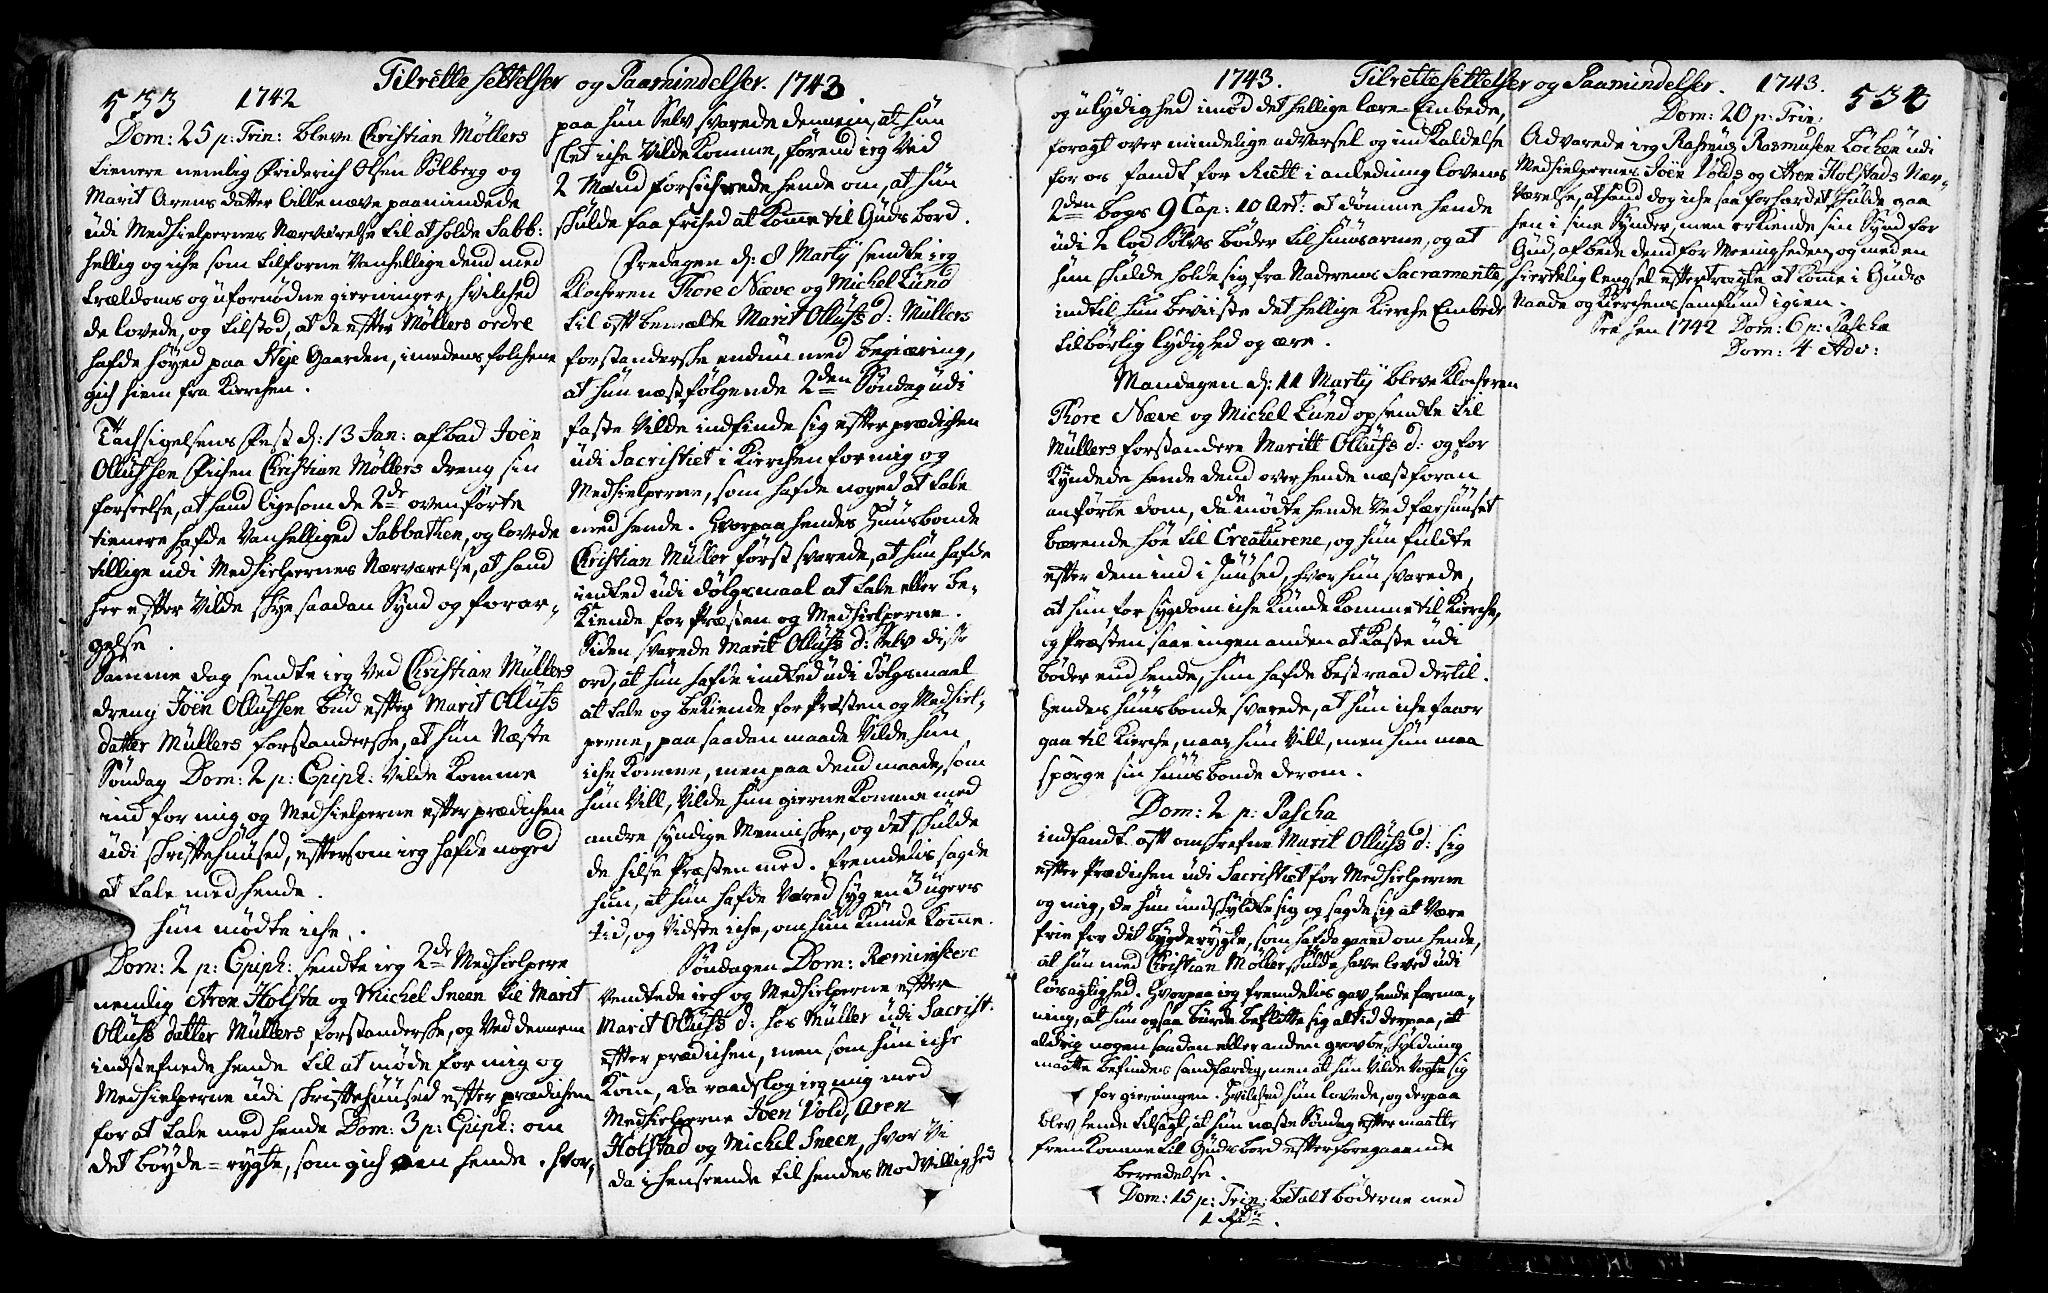 SAT, Ministerialprotokoller, klokkerbøker og fødselsregistre - Sør-Trøndelag, 672/L0850: Ministerialbok nr. 672A03, 1725-1751, s. 533-534